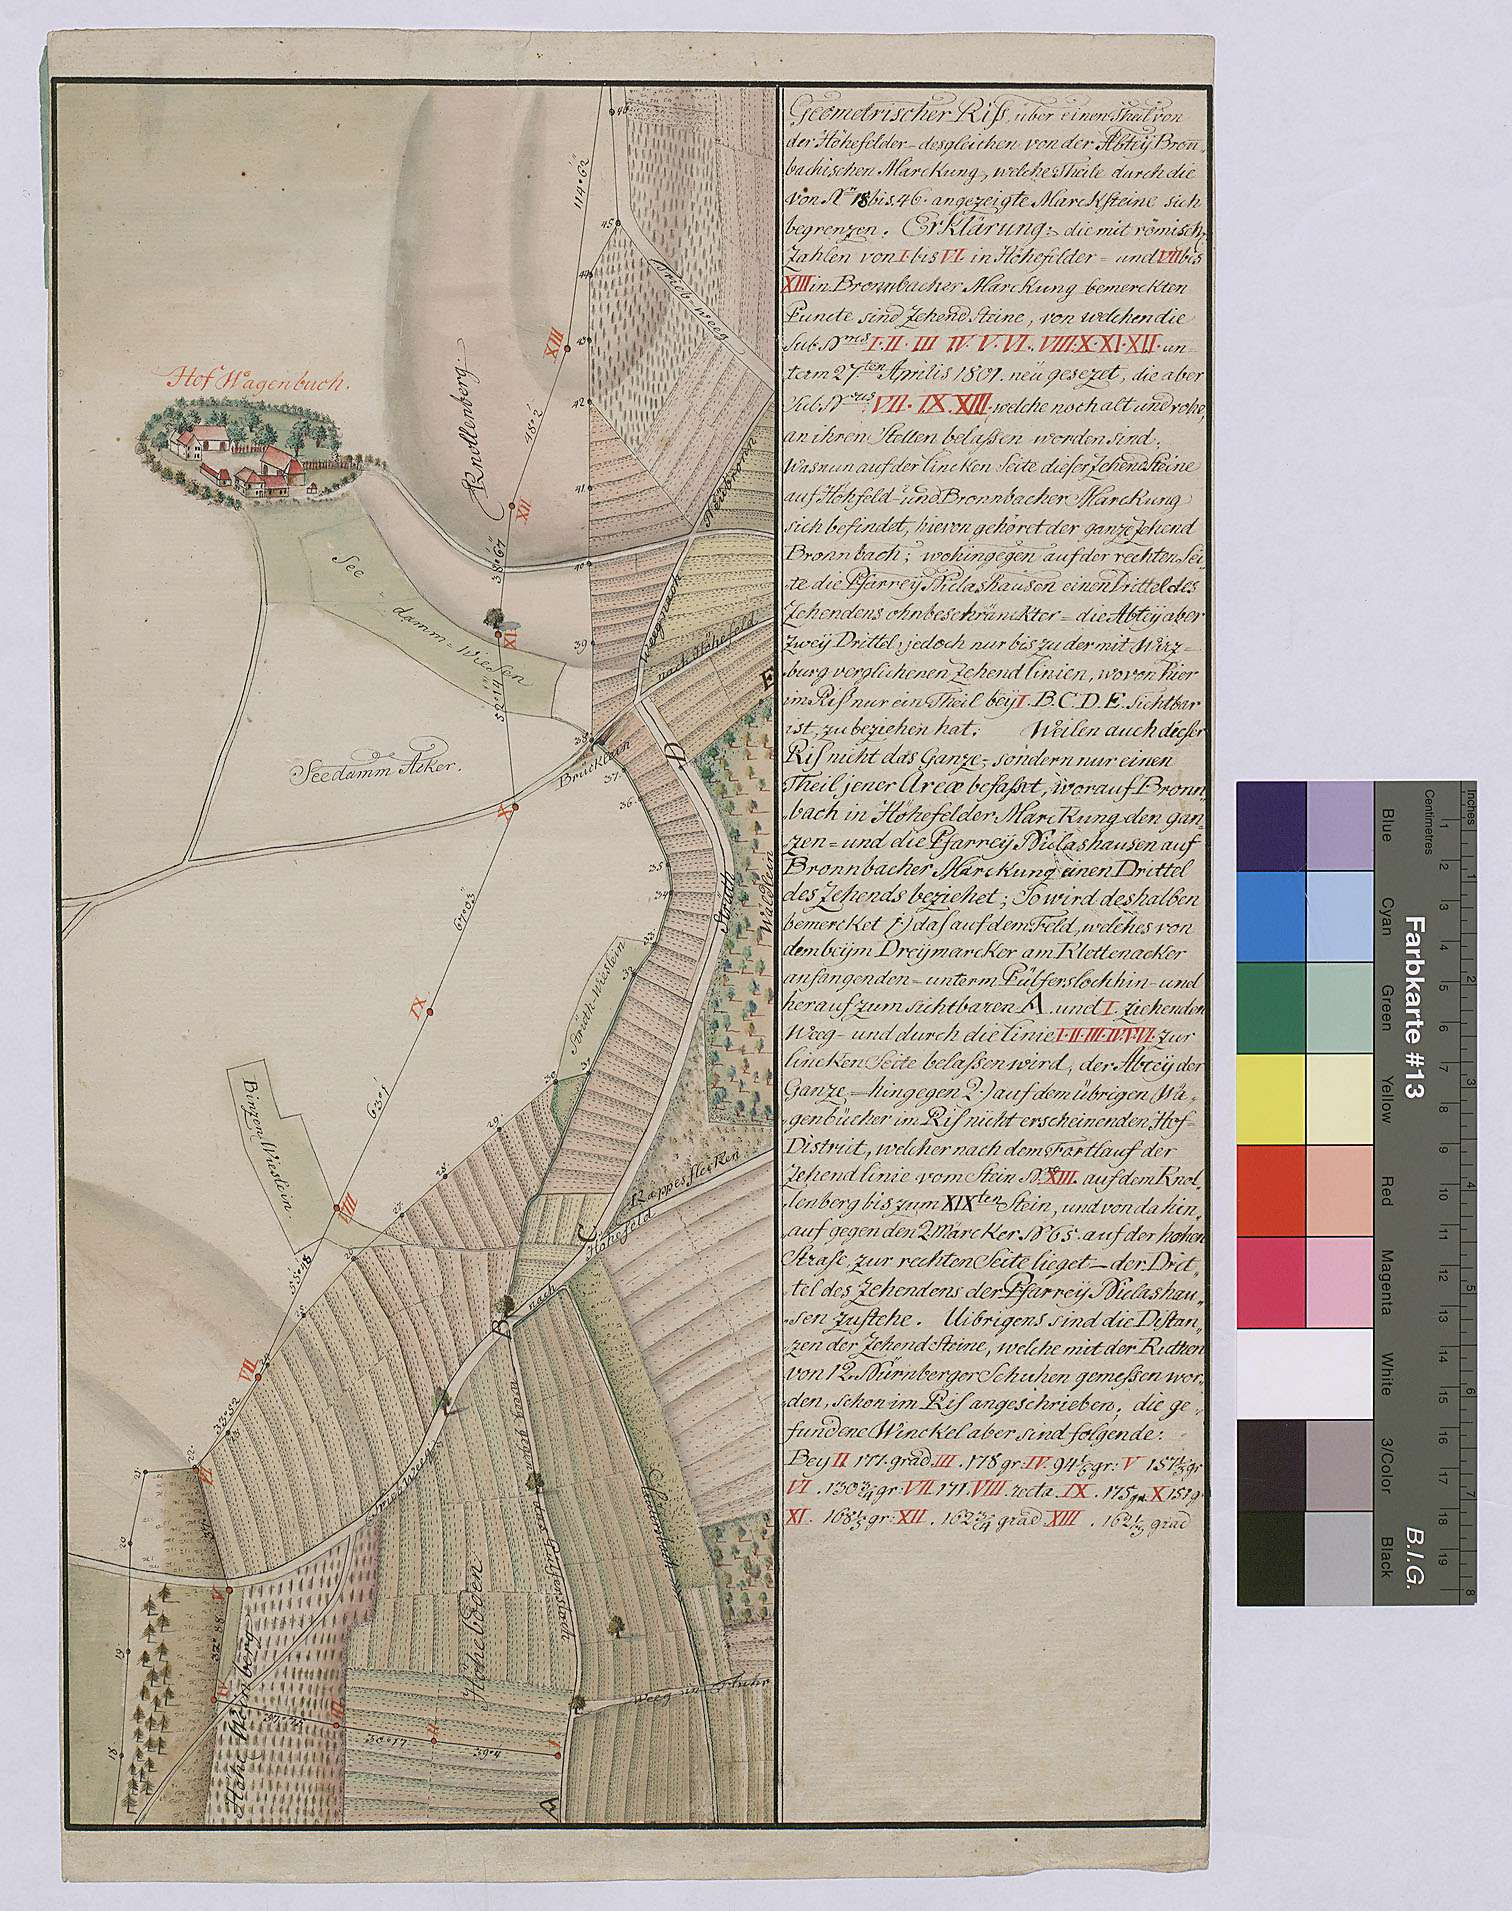 Geometrischer Riss über einen Teil von der Höhefelder, desgleichen von der Abtei Bronnbachischen Markung, welche Teile durch die von Nr. 18 bis 46 angezeigte Marksteine sich begrenzen, Bild 1